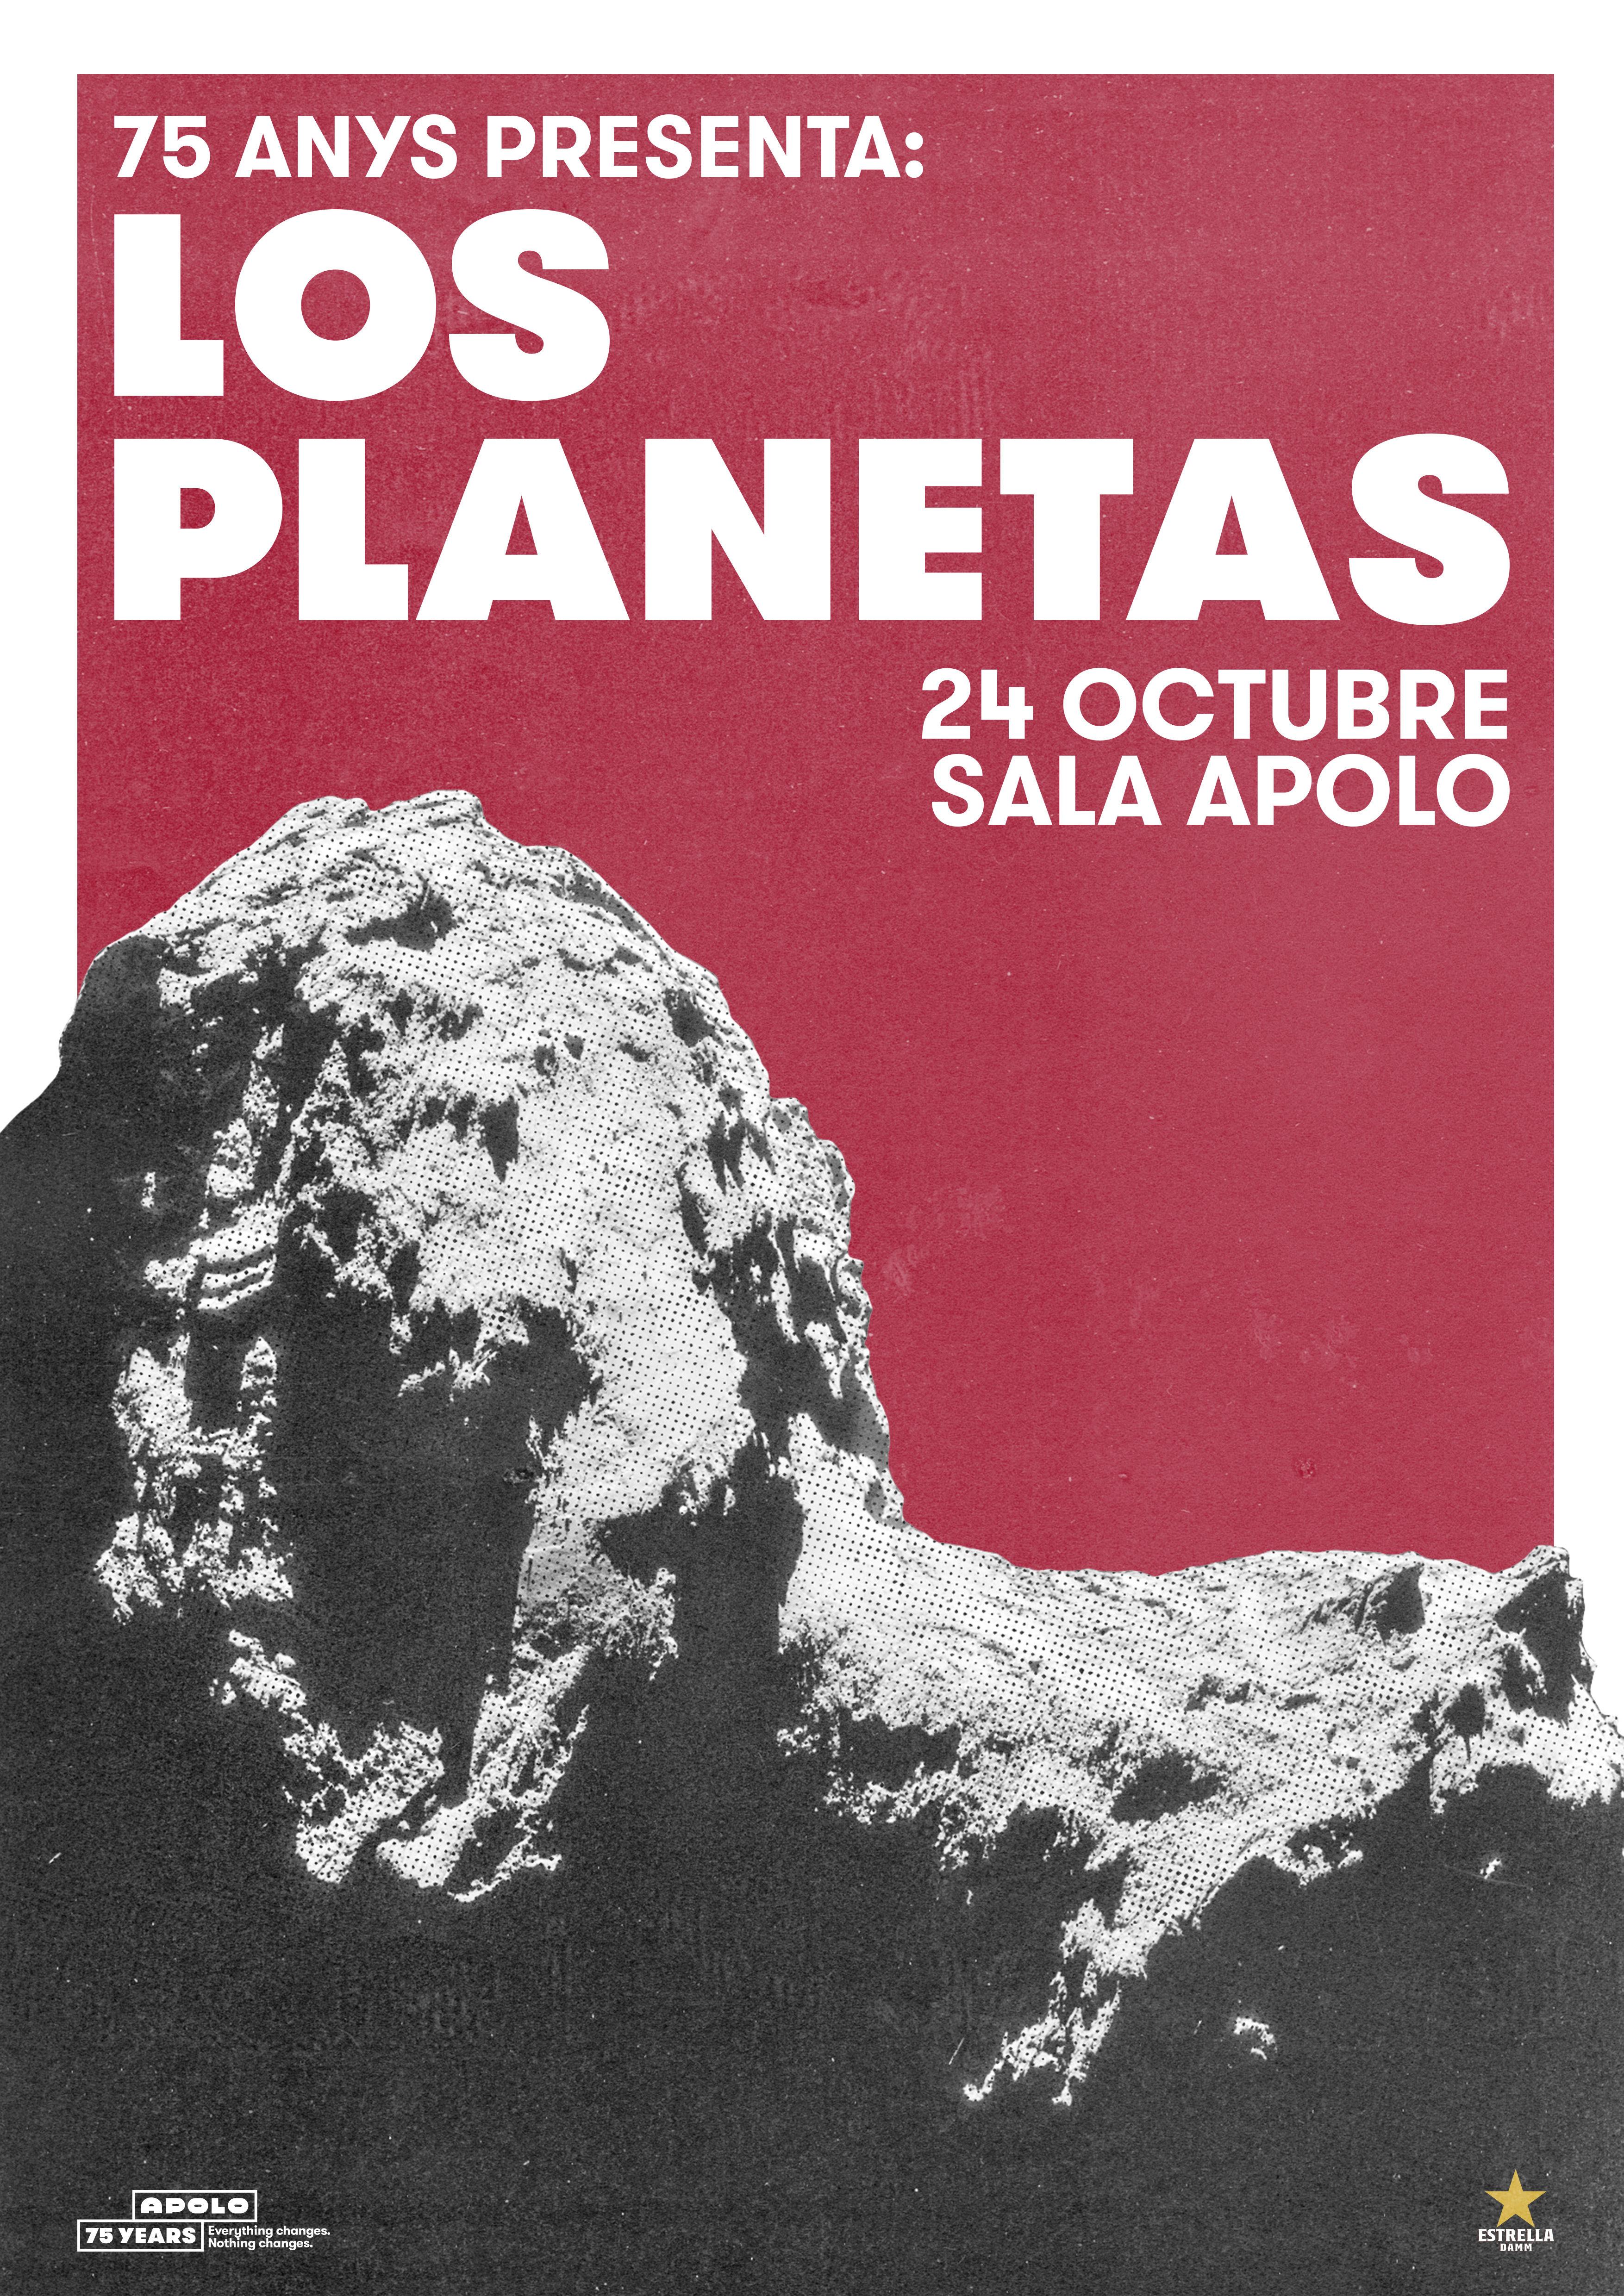 los planetas concierto barcelona octubre 2018